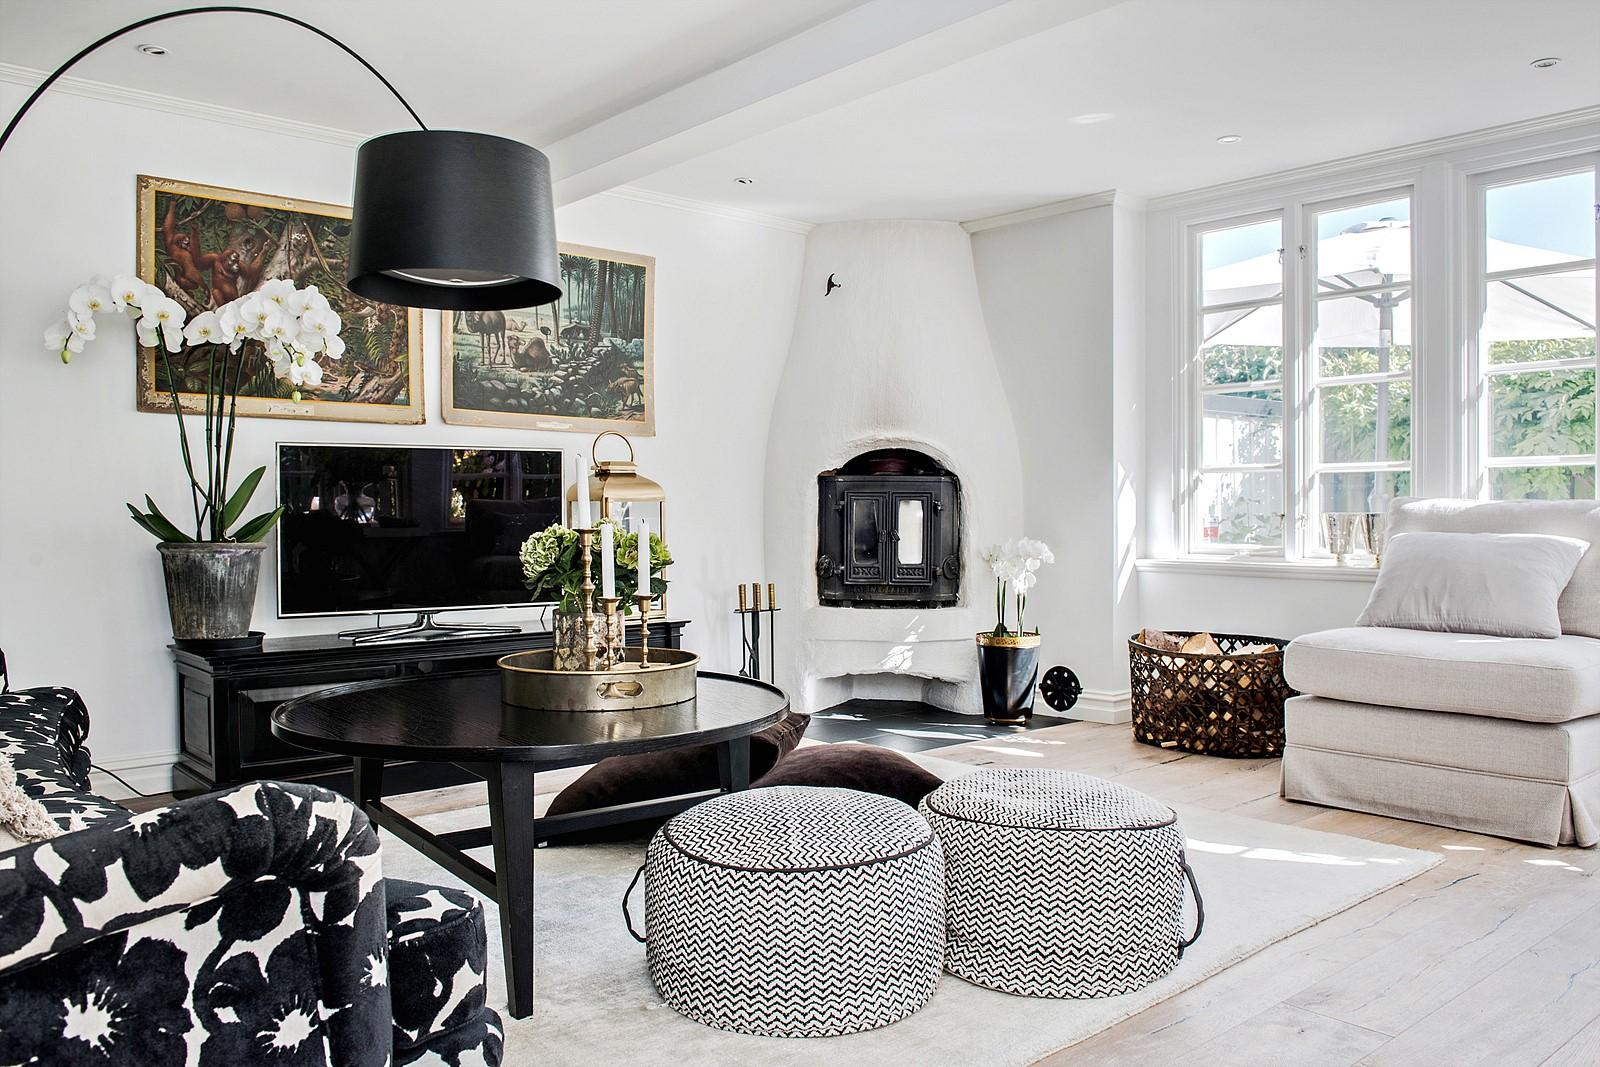 печь дрова торшер гостиная диван кресло пуф столик телевизор половая доска